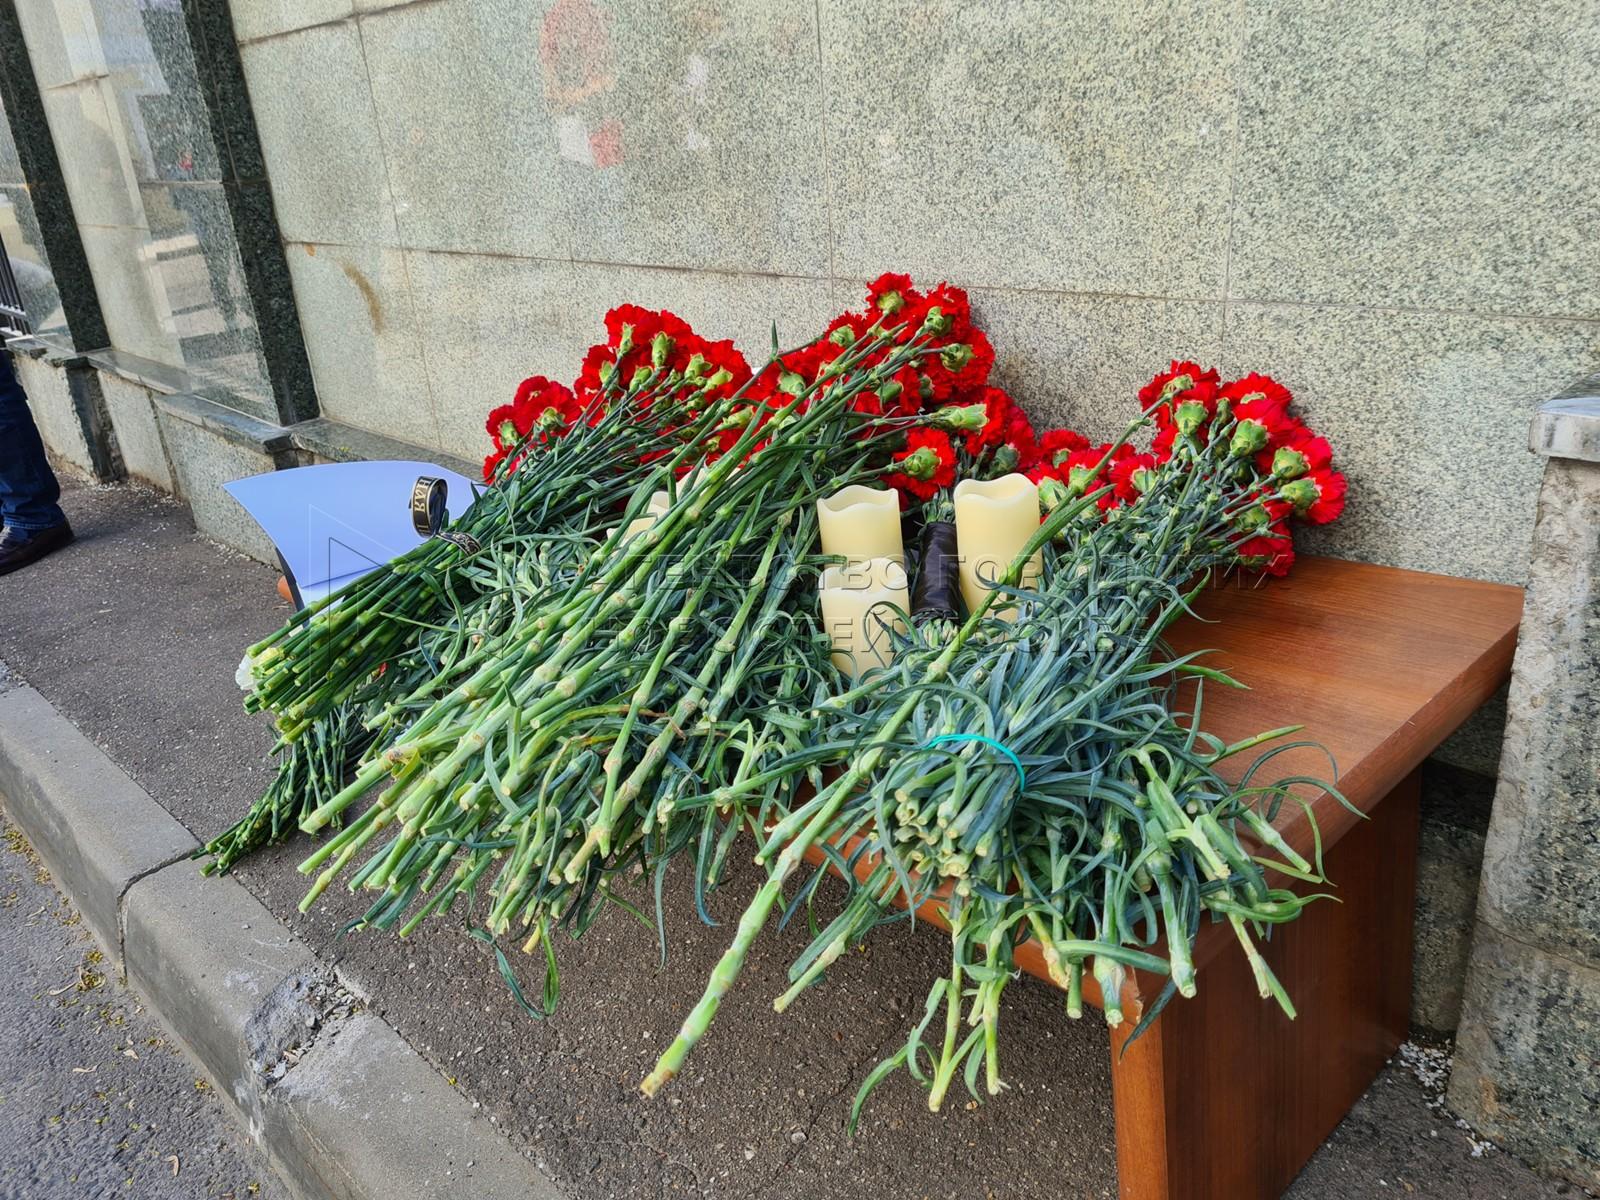 Цветы и свечи у здания представительства Республики Татарстан в Москве в память о погибших в результате стрельбы в одной из школ Казани.